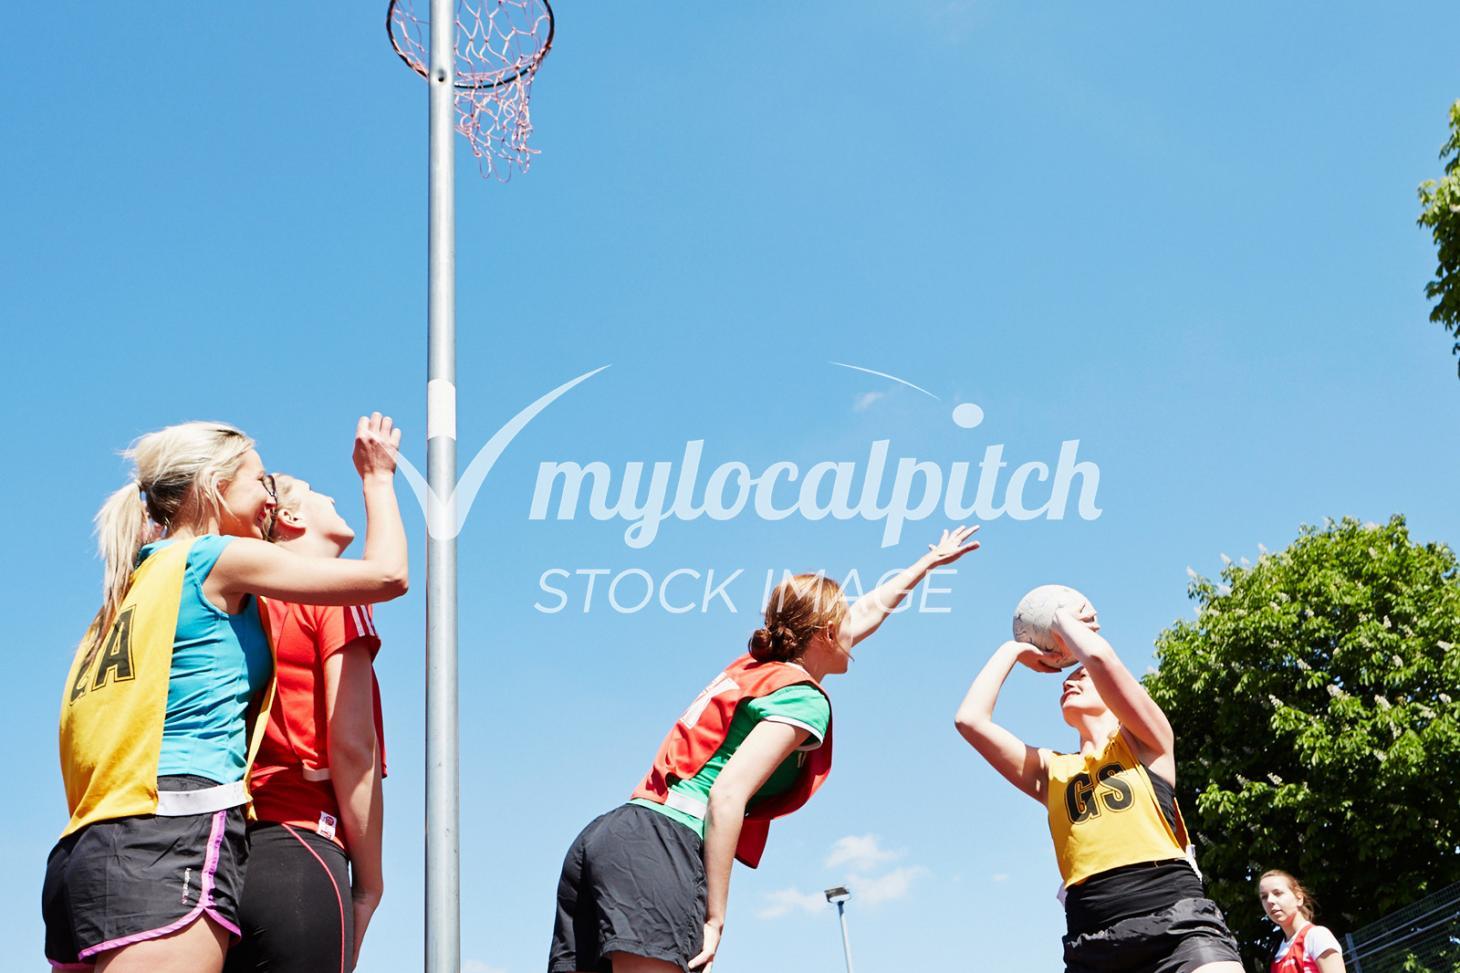 Lealands High School Outdoor | Hard (macadam) netball court